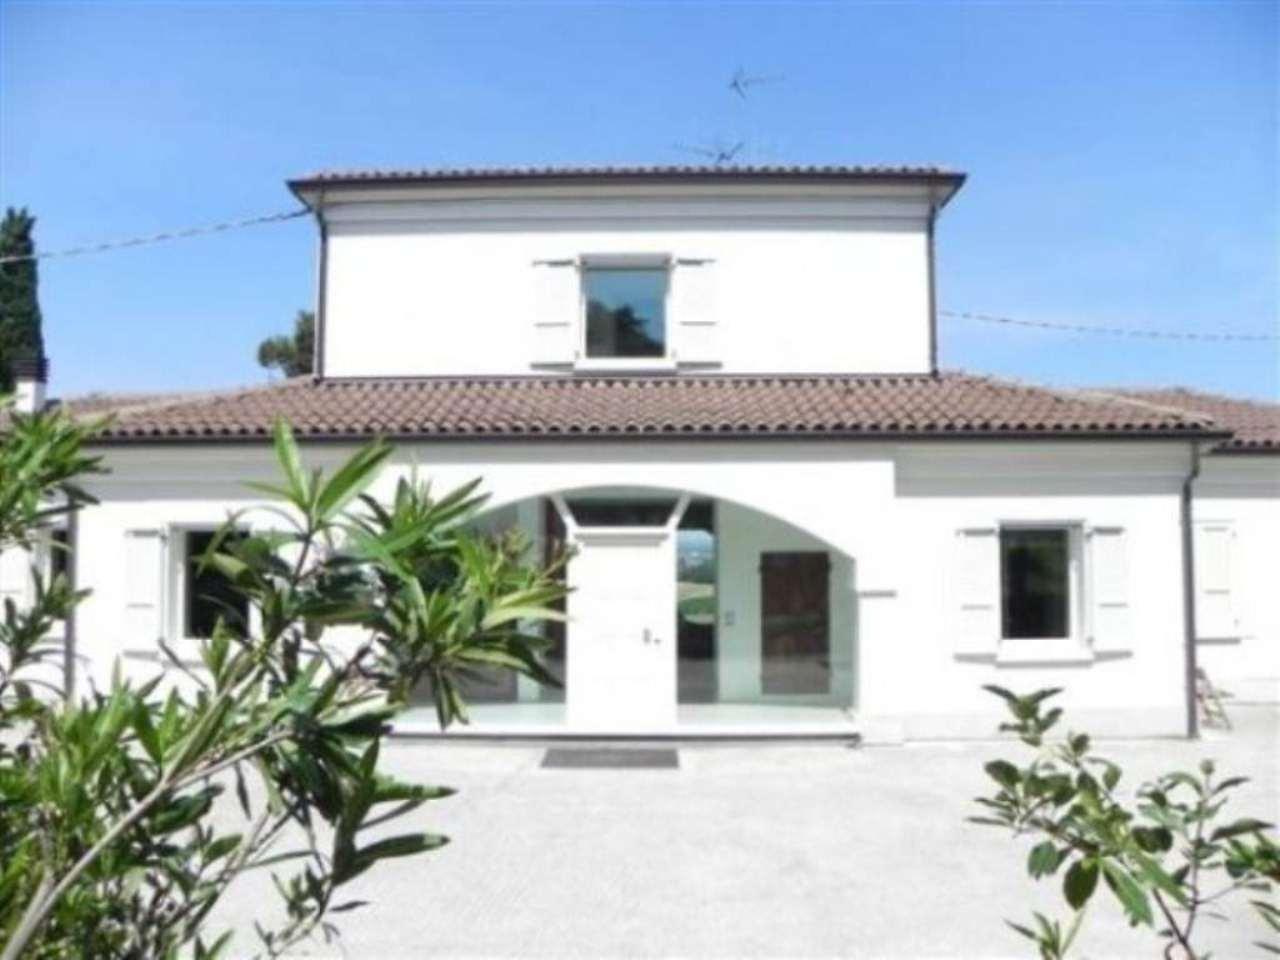 Villa in vendita a Bertinoro, 6 locali, Trattative riservate | CambioCasa.it